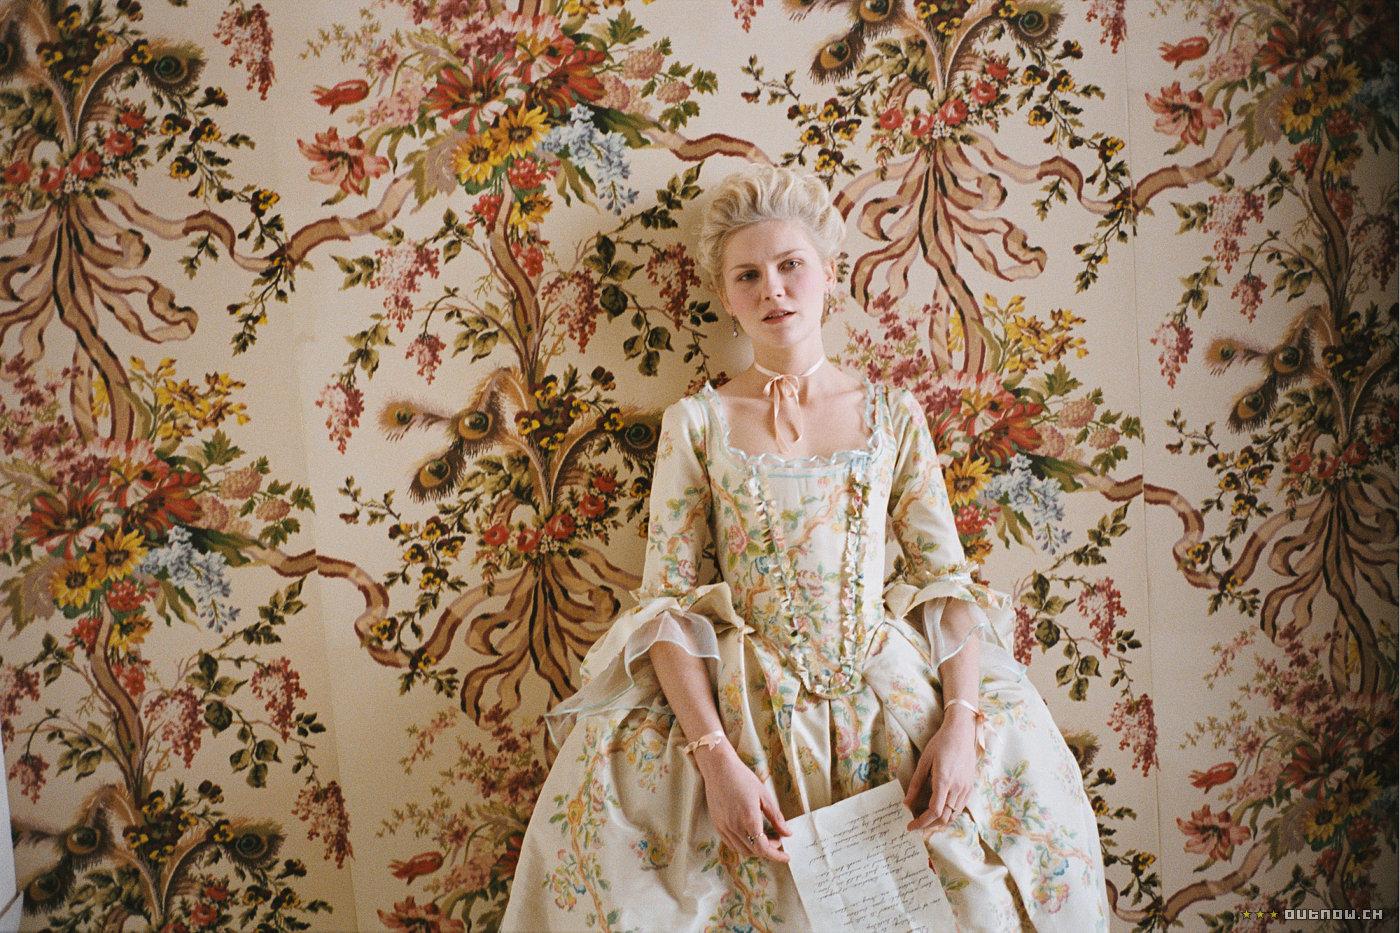 http://3.bp.blogspot.com/_h2pLMs8nyn8/TR-VmFPim5I/AAAAAAAAAkY/8jemCuoUKPY/s1600/marie_antoinette_screen2_large.jpg